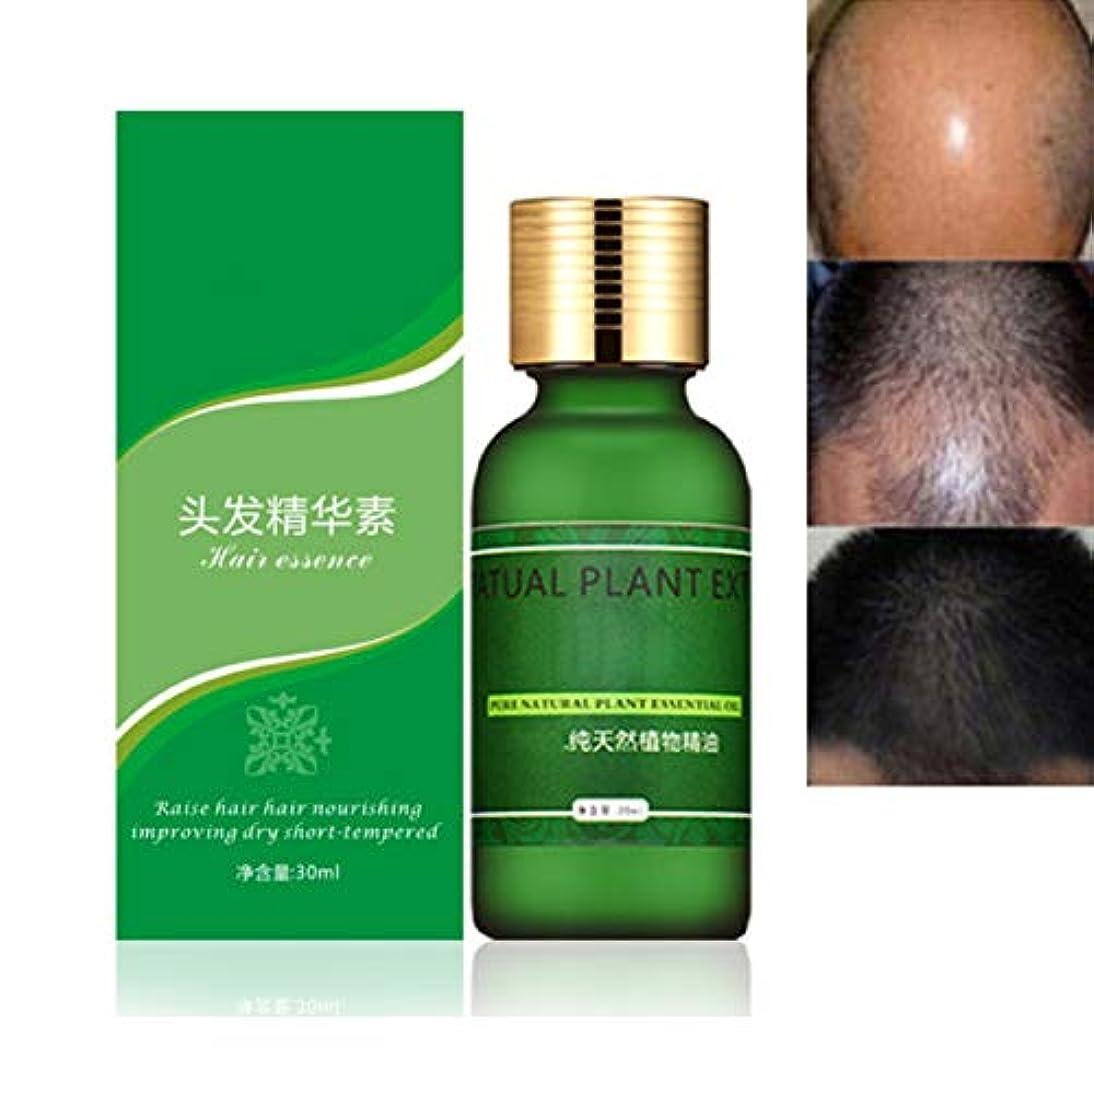 値下げヘクタール送る高麗人参育毛エッセンスオイル、抜け毛頭皮健康トリートメント液